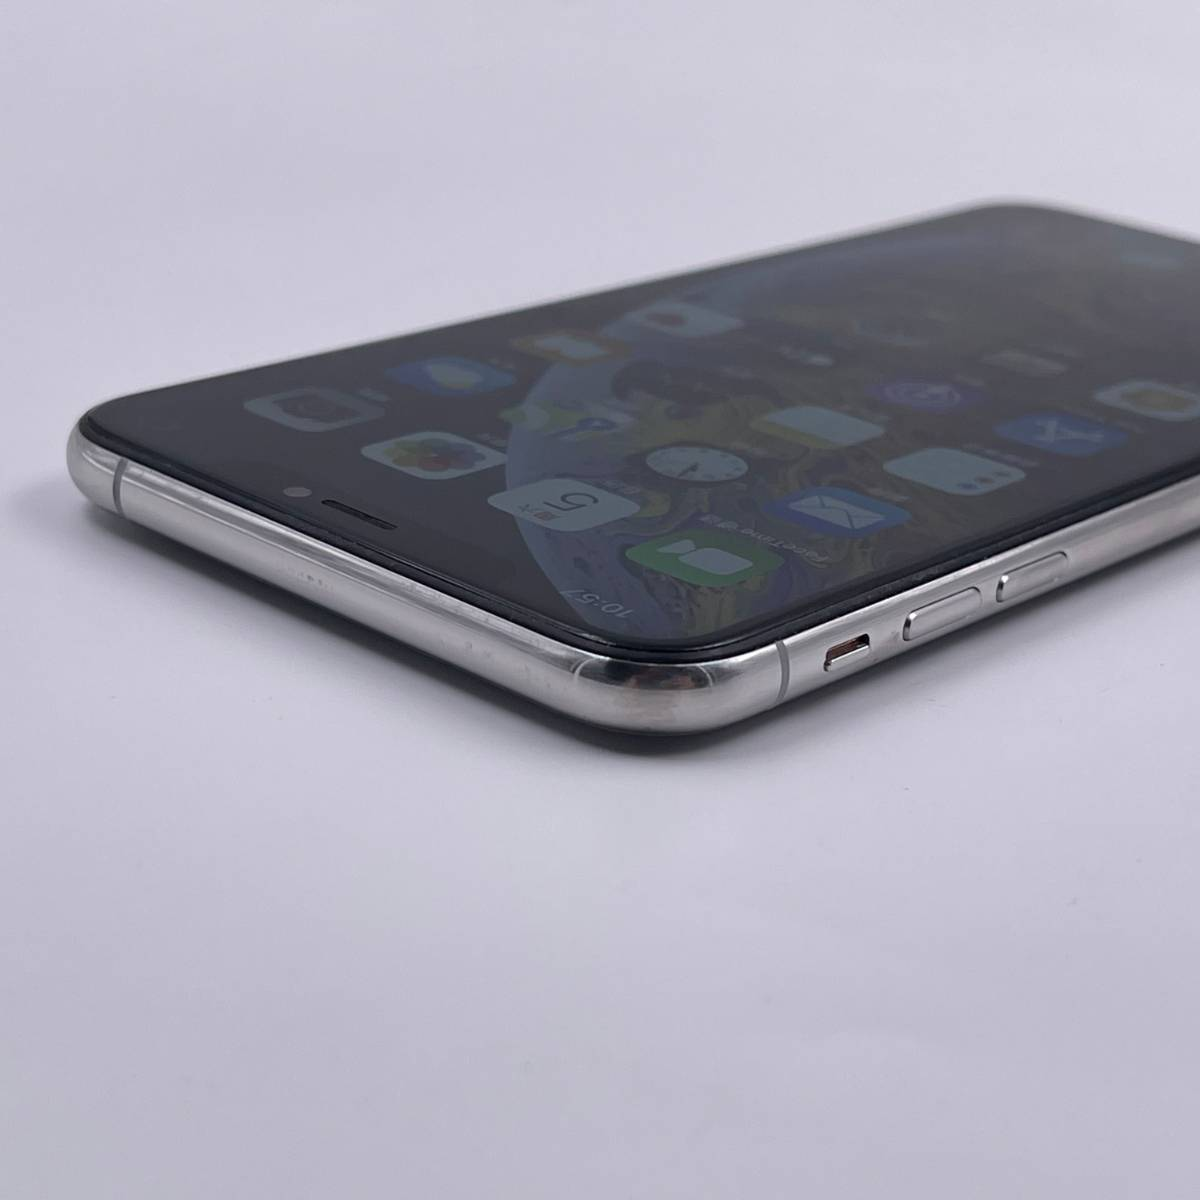 95新 苹果/iPhoneXS Max 256G 海外版 全网通4G 白色 编号4361